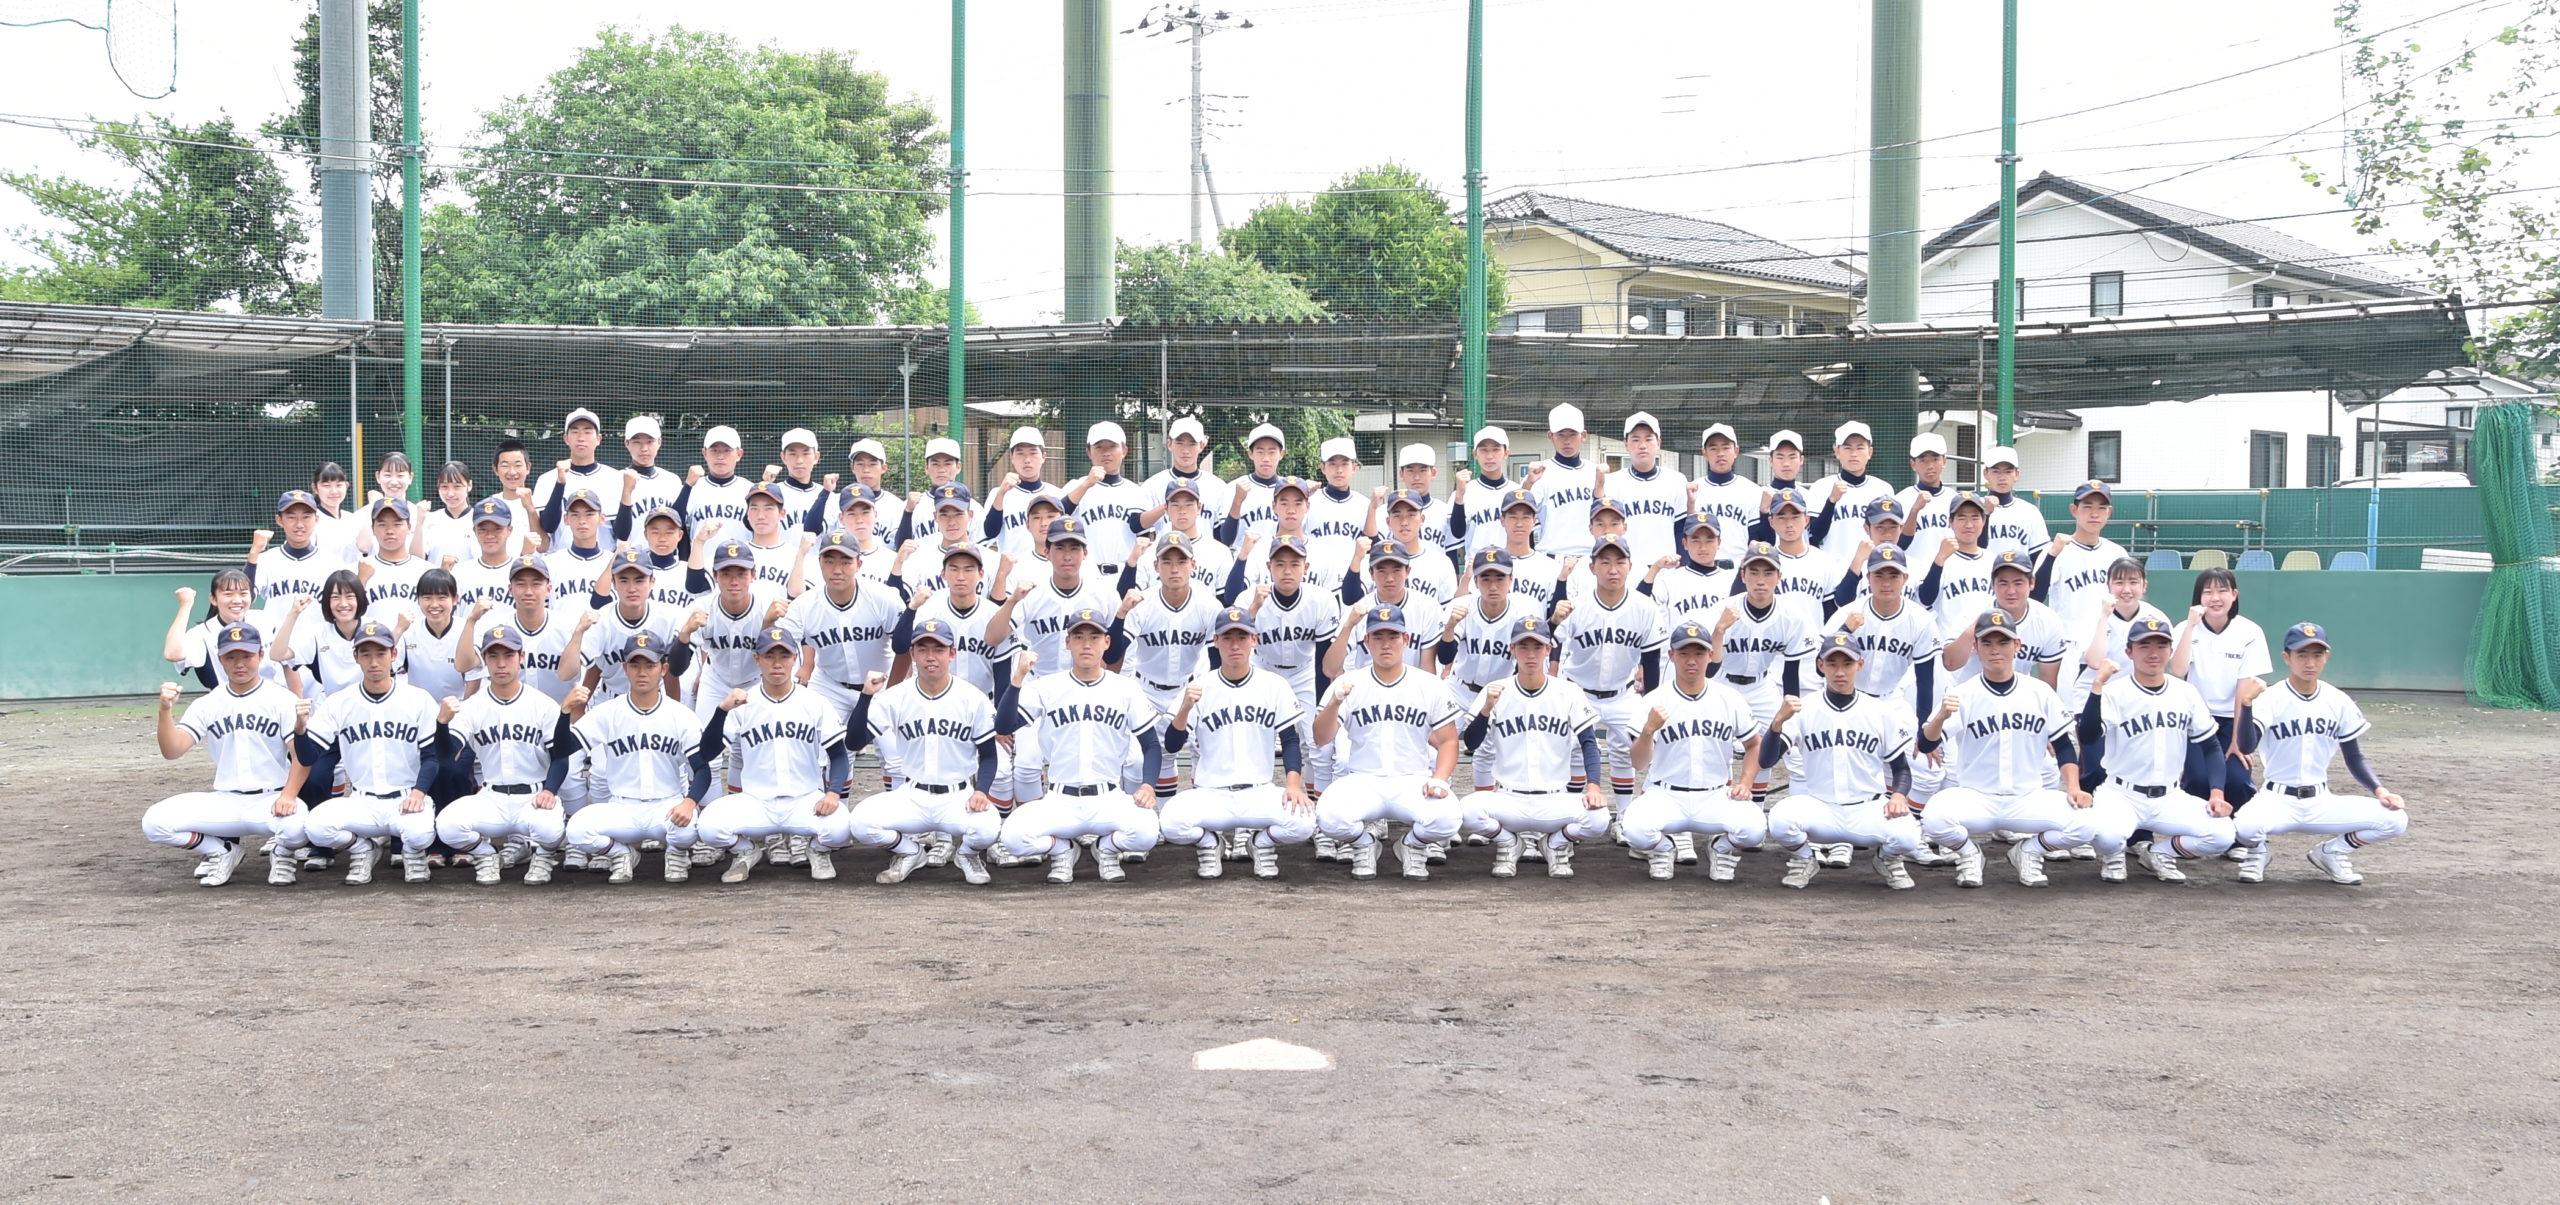 【高崎商 野球部】「100のチカラ」#高崎商